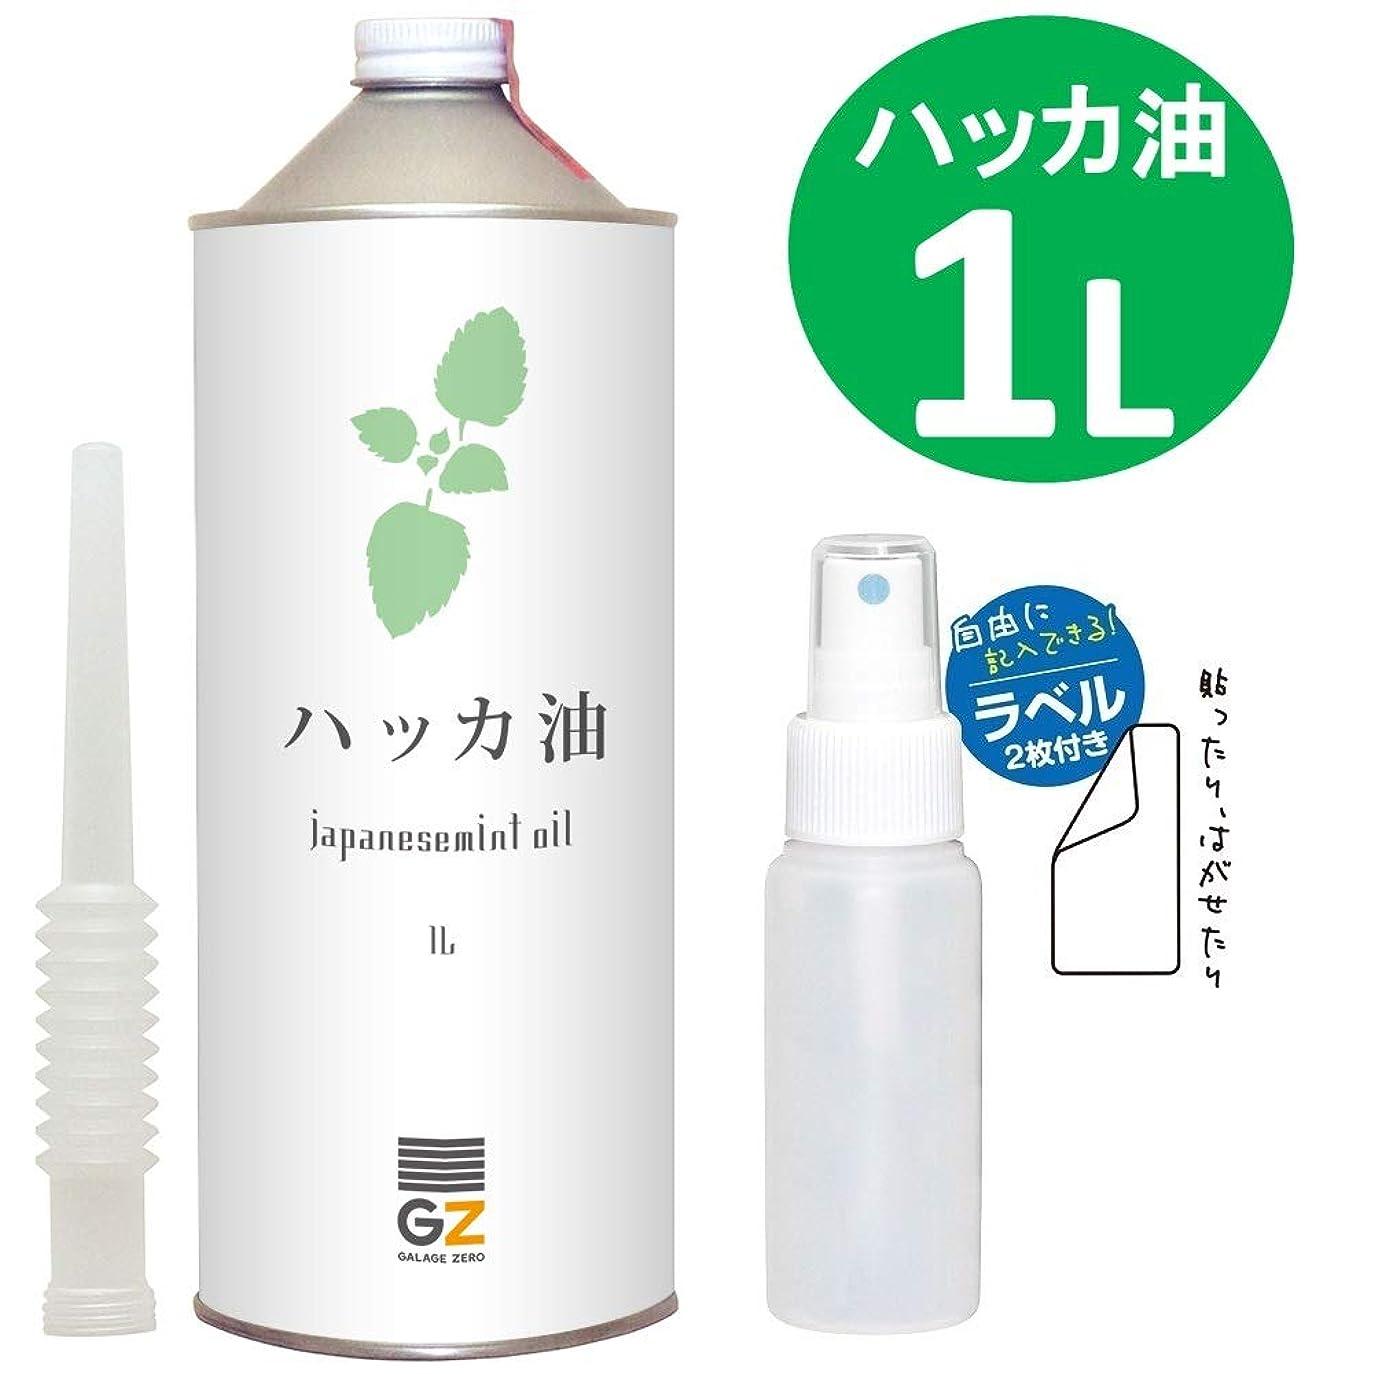 受賞資料通り抜けるガレージ?ゼロ ハッカ油 1L(GZAK14)+50mlPEスプレーボトル/和種薄荷/ジャパニーズミント GSE531